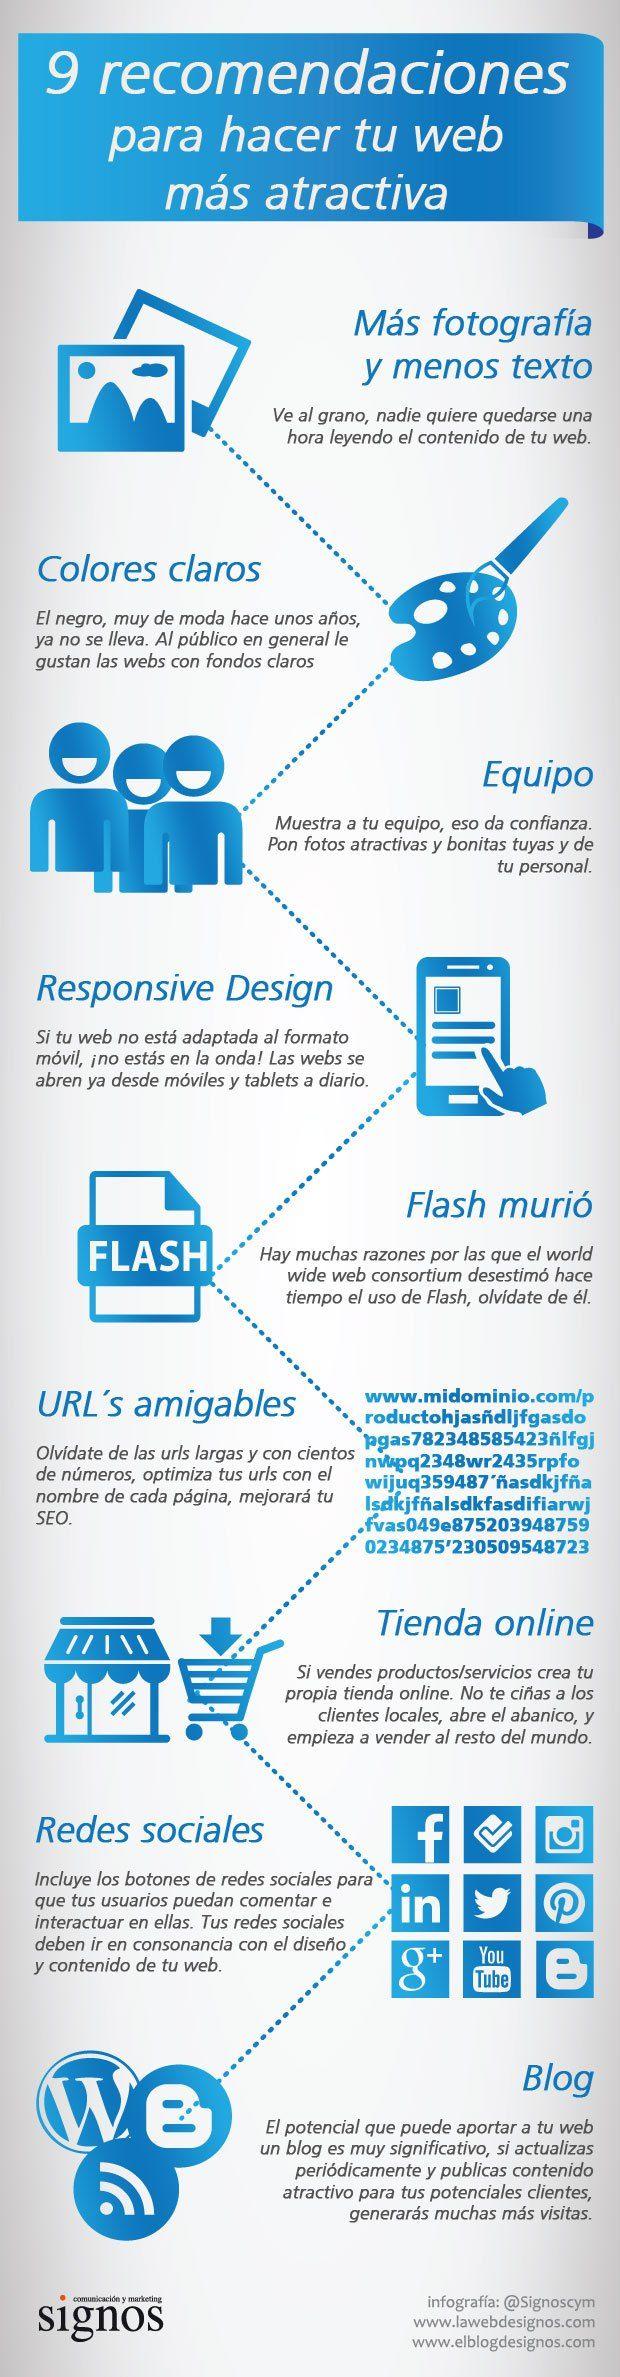 9 recomendaciones para hacer tu web más atractivo #infografia #infographic…